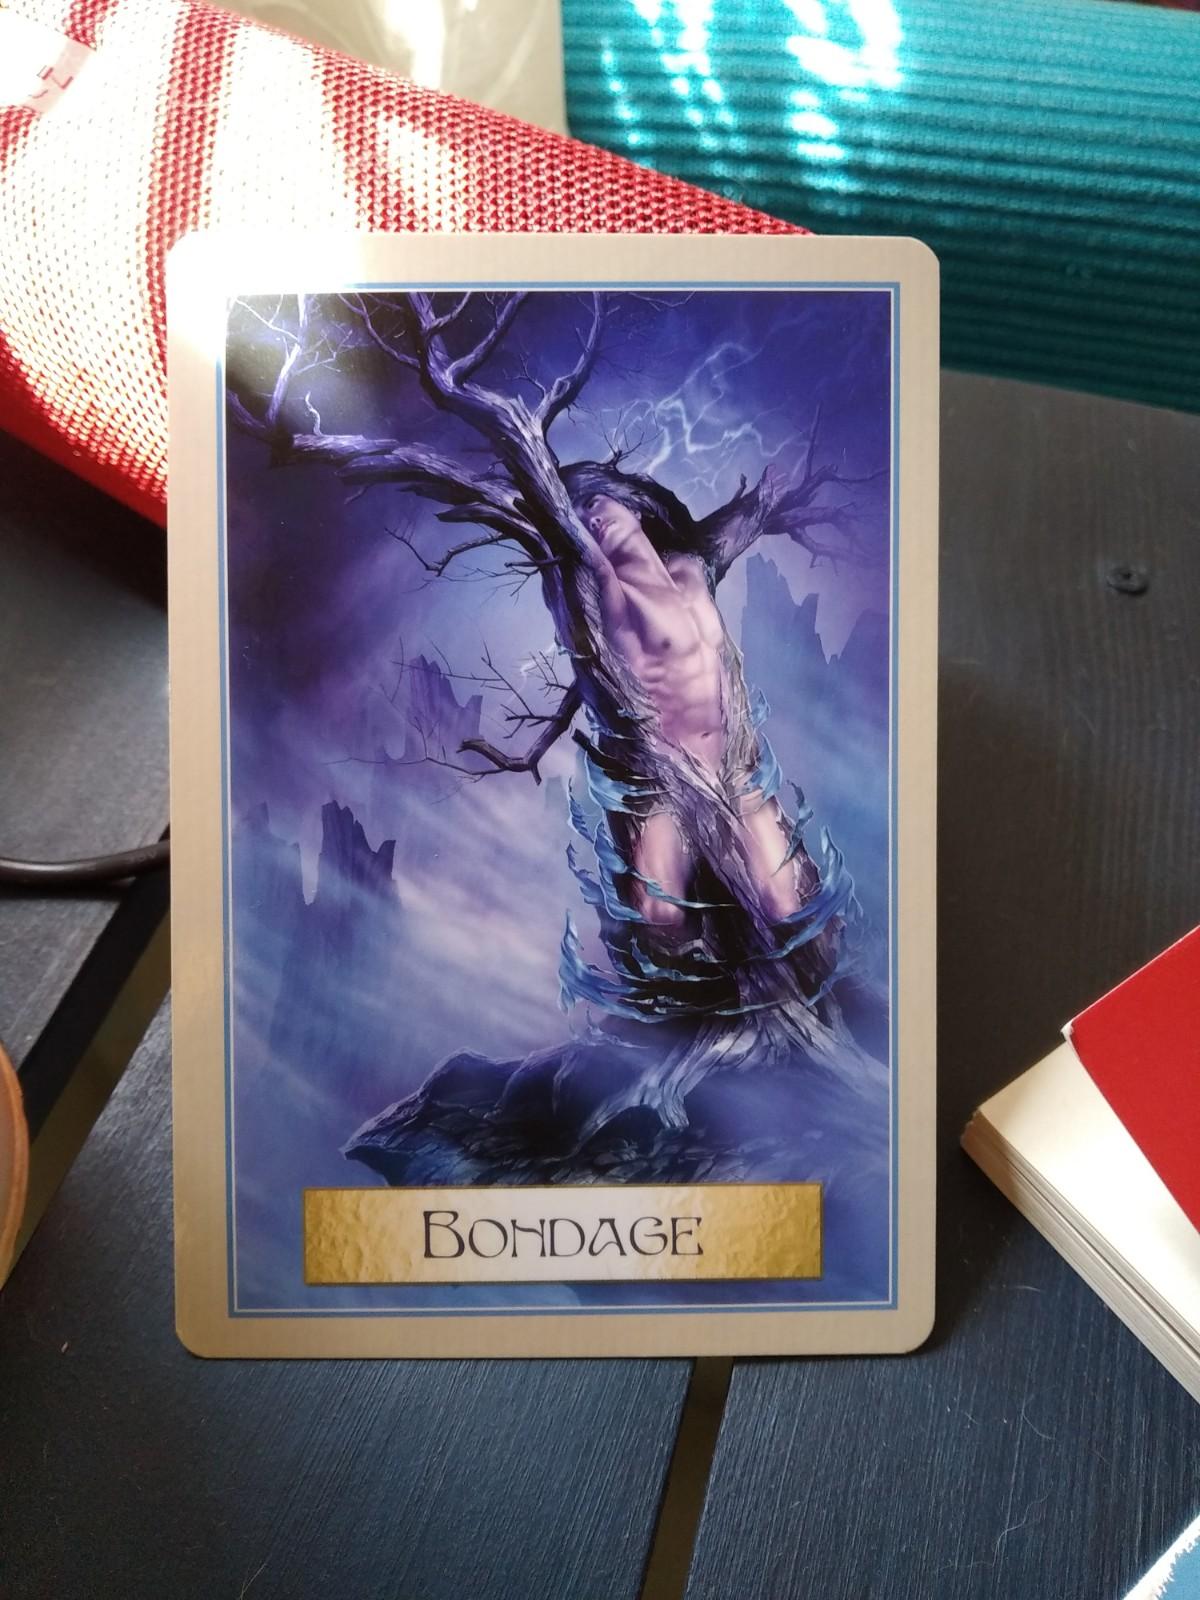 bondage, freedom, tony salerno bondage card, wisdom of the golden path